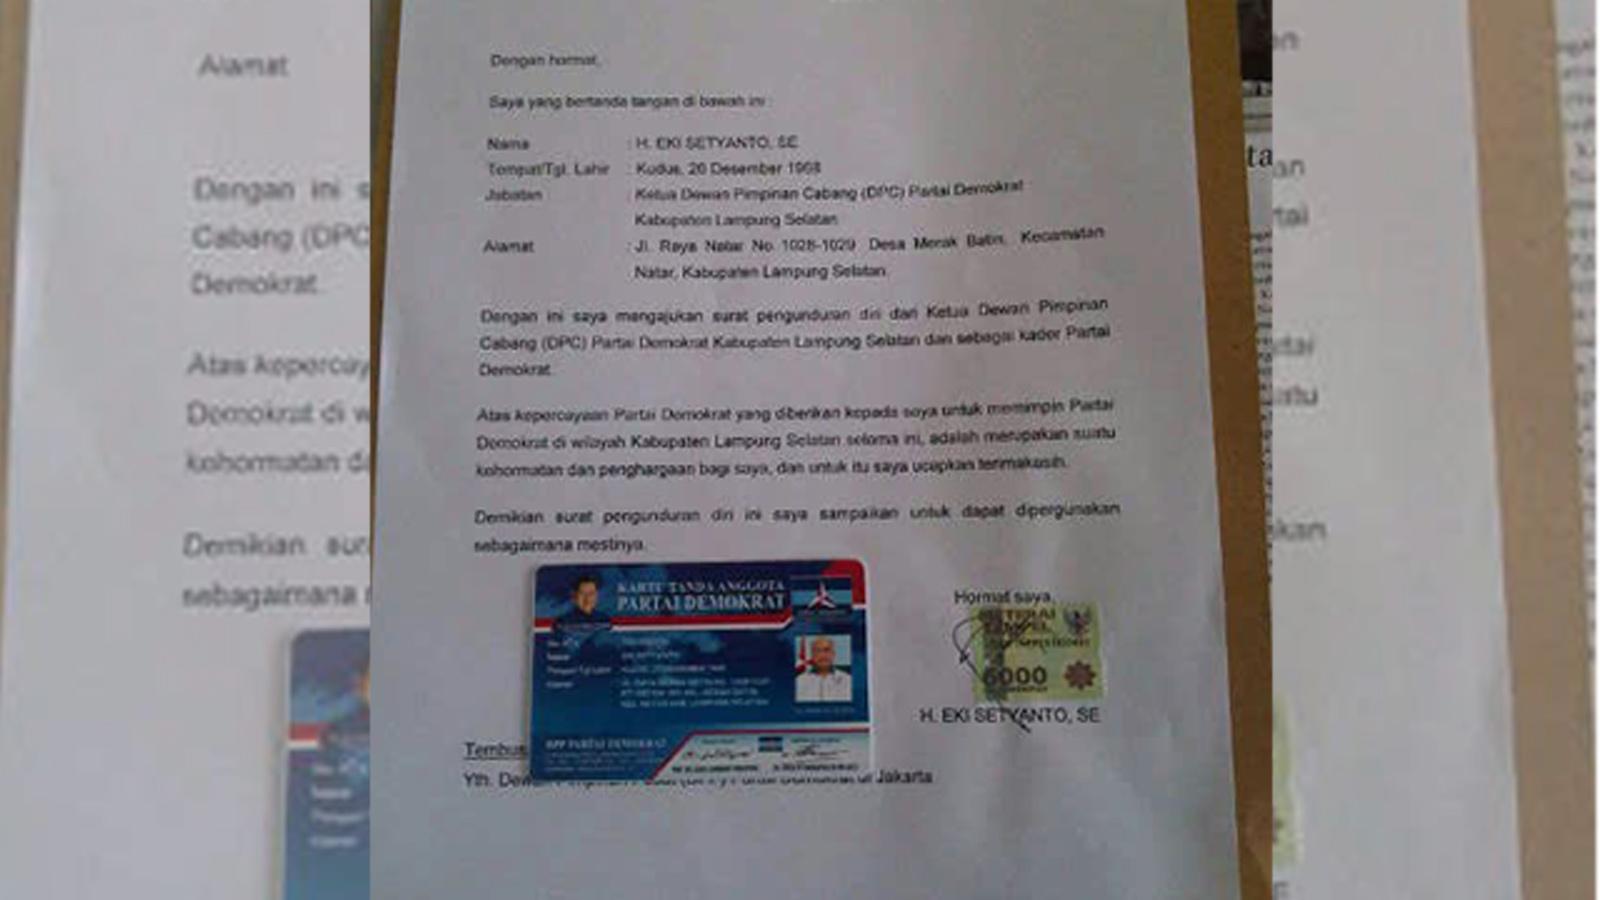 Surat pengunduran diri Eki Setyanto. (Foto. Dok)